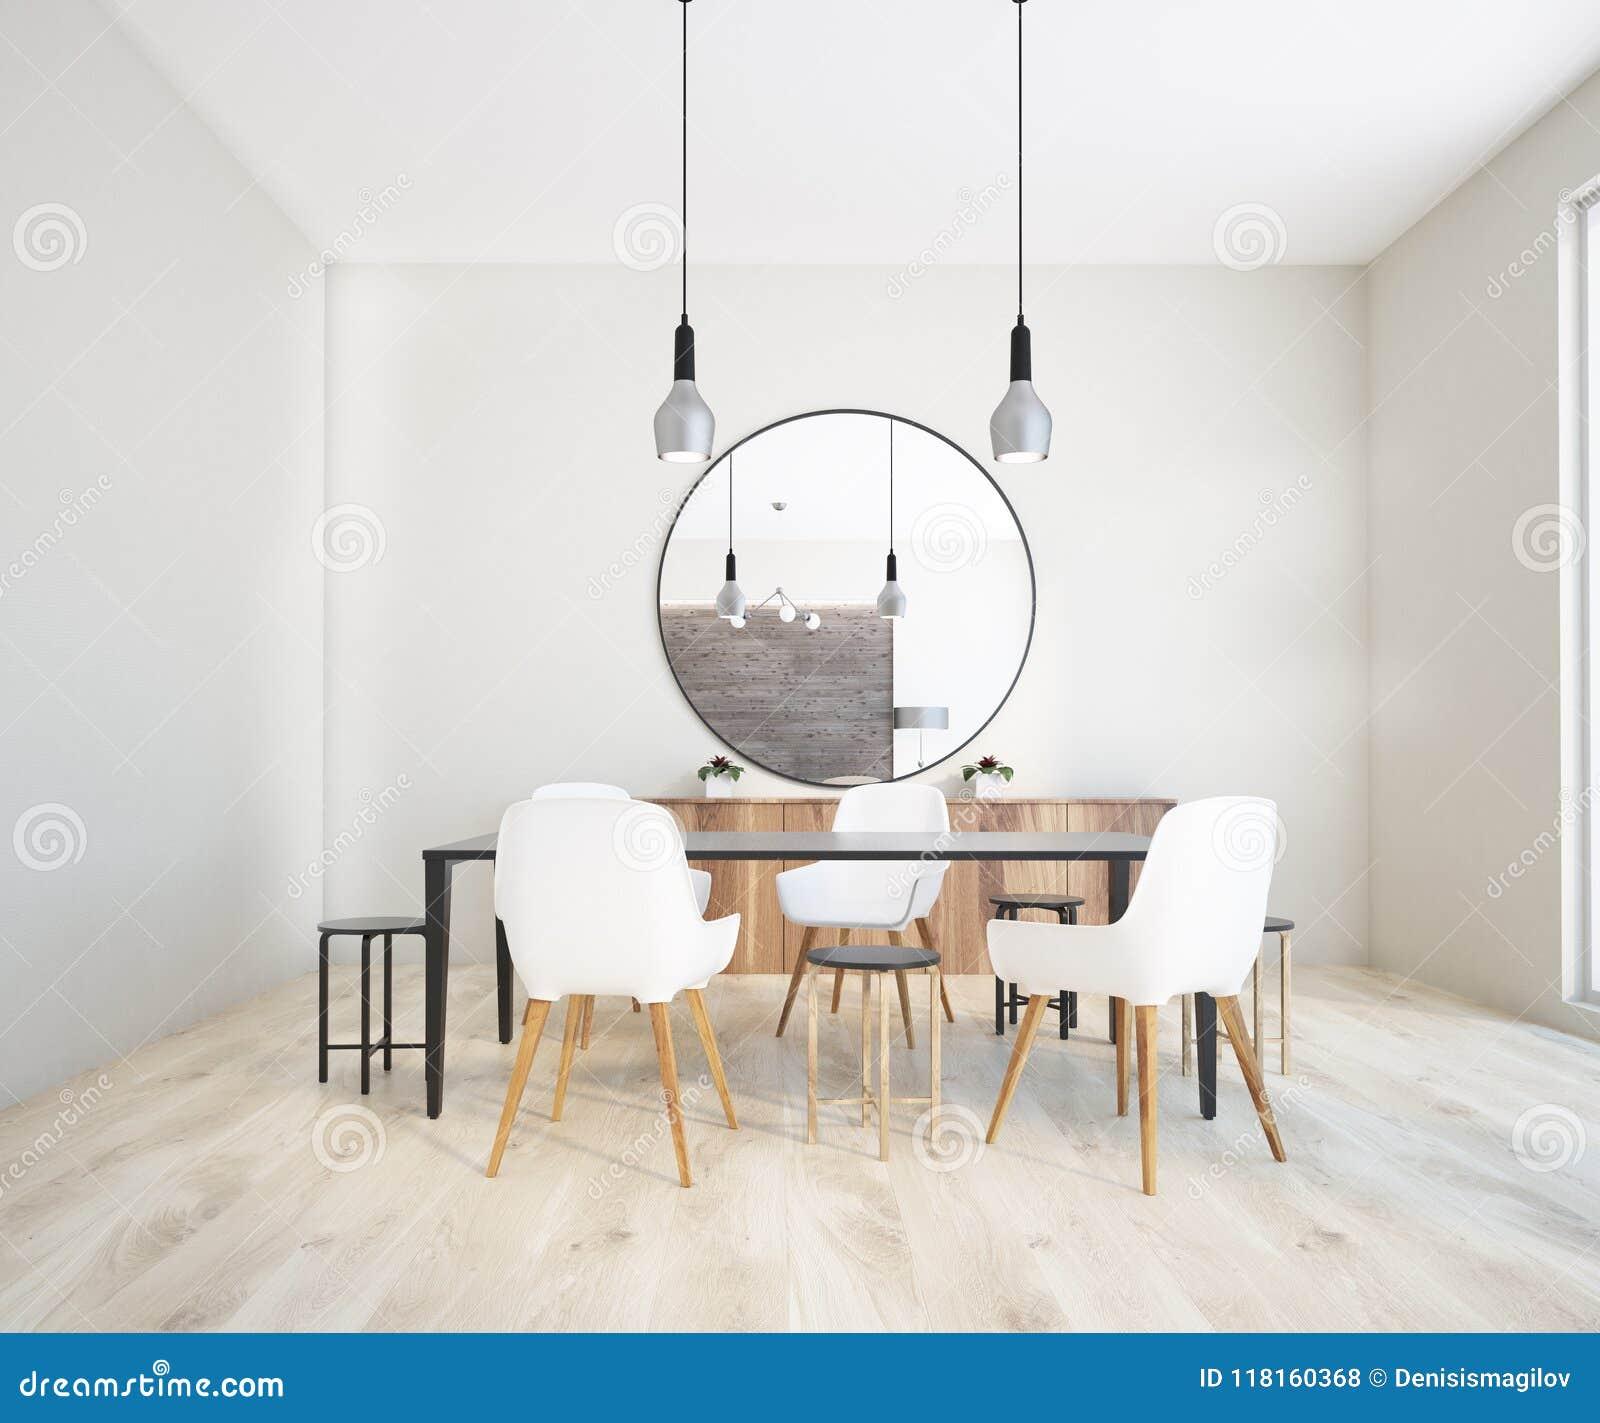 Miroir Salle De Sejour salle à manger classique intérieure, miroir rond